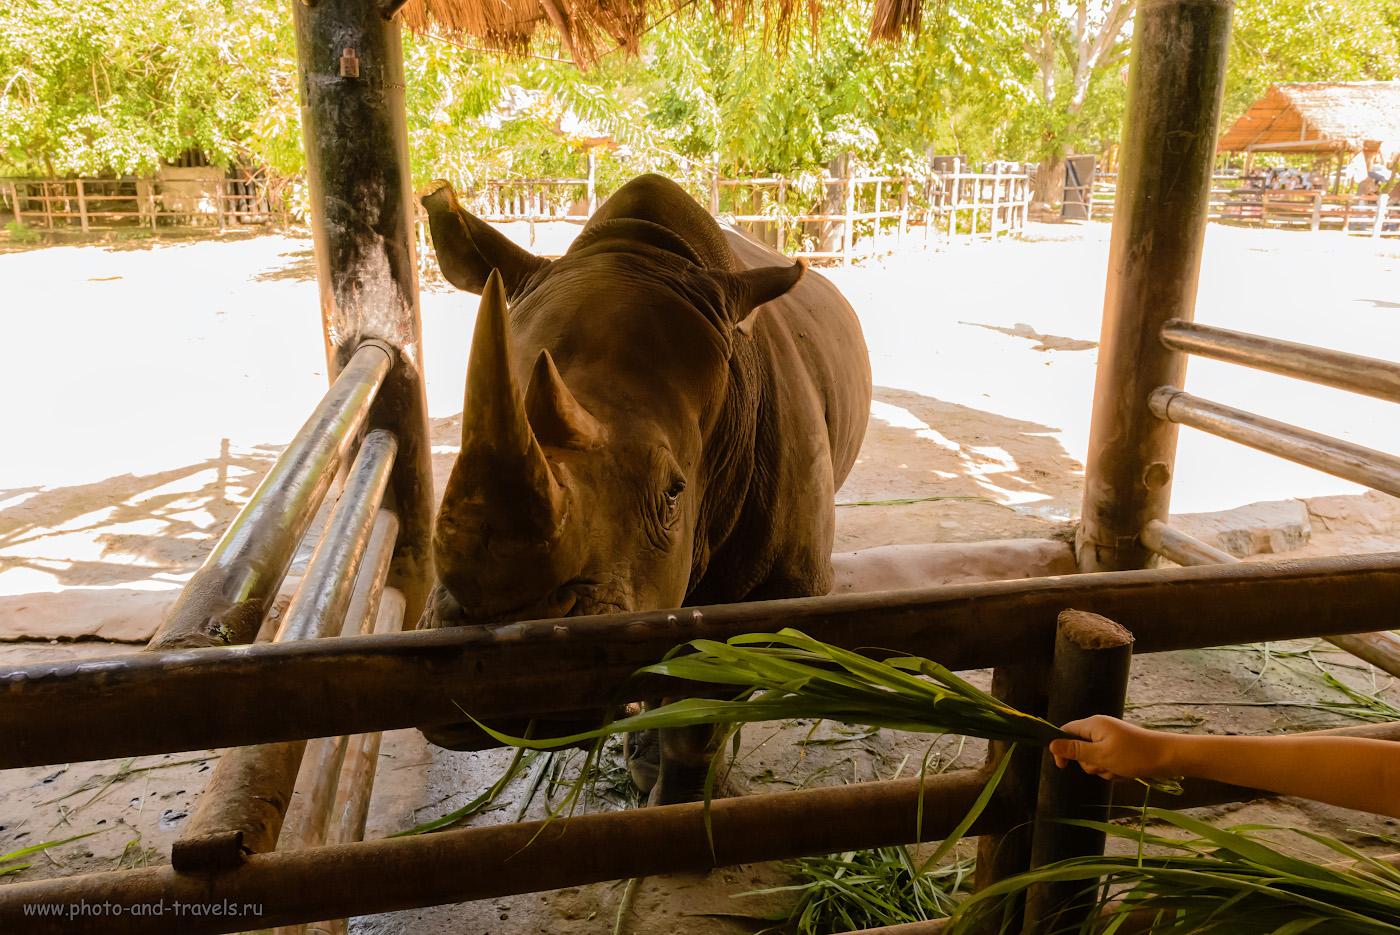 Фотография 12. Белый носорог в зоопарке «Кхао Кхео». Сколько радости подарит ребенку общение с животными! 1/500, +0.67, 9.0, 5600, 24.